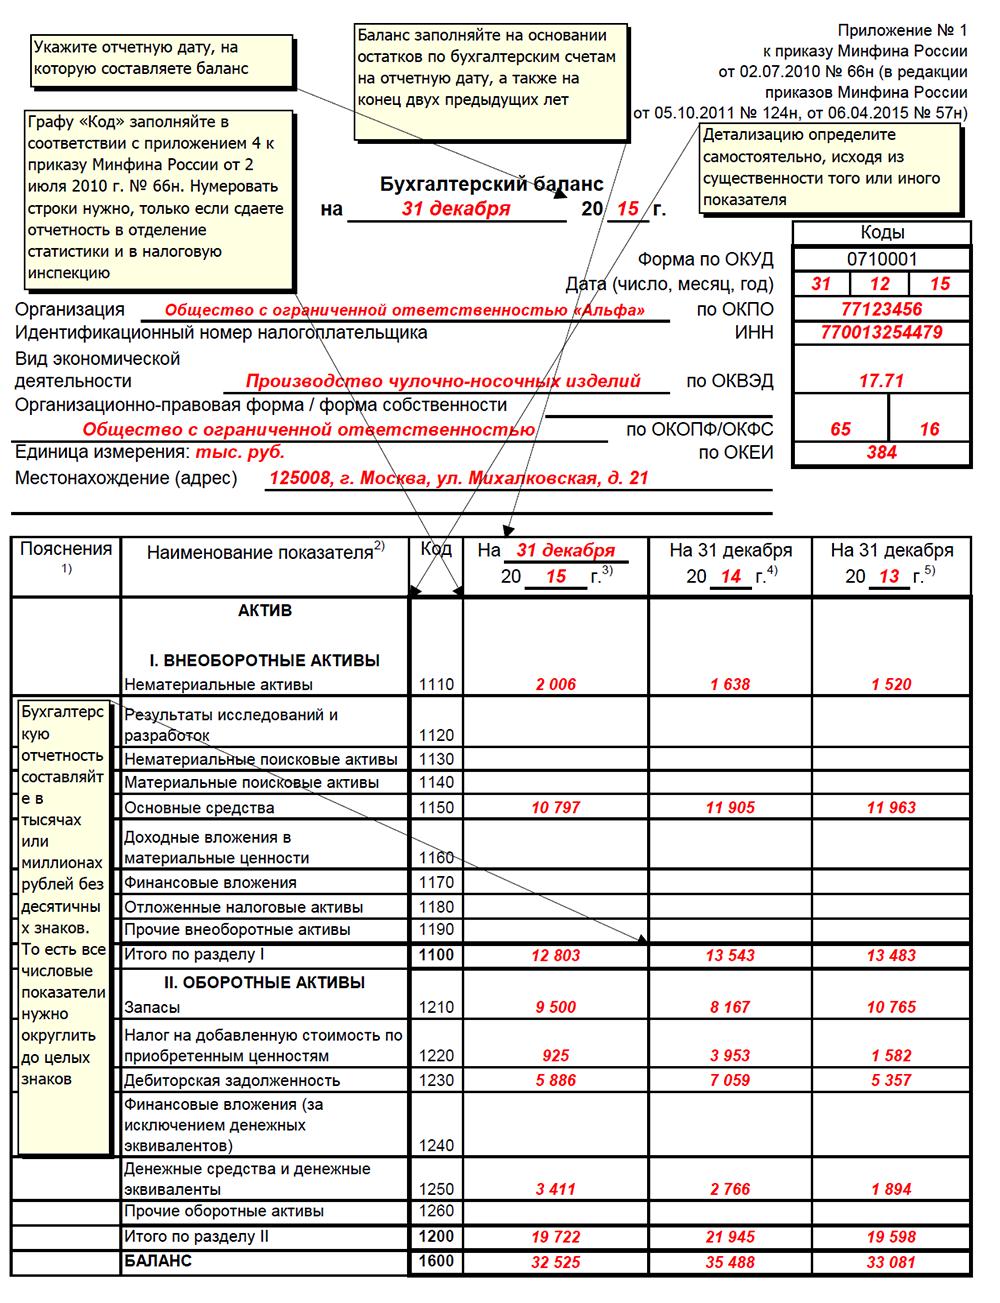 Инструкция заполнения Бухгалтерского Баланса